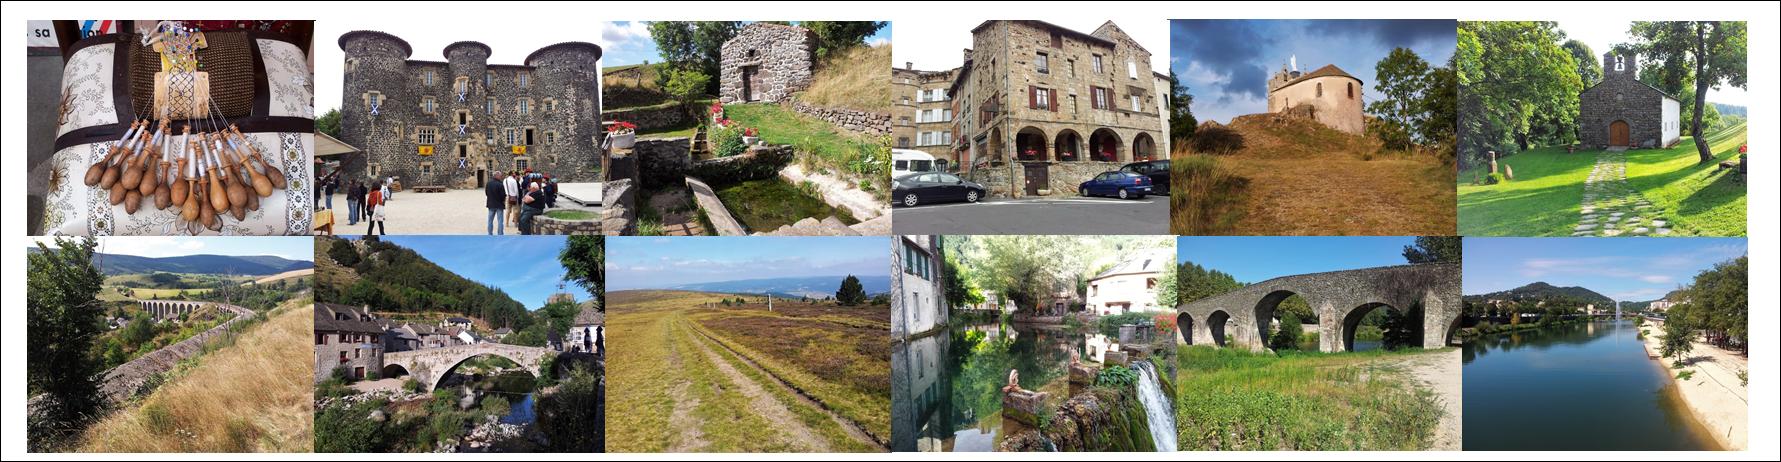 Le Puy en Velay, Le Monastier sur Gazeille, le Bouchet St Nicolas, Pradelles, Cheylard l'évêque, la Bastide Puylaurent, le Bleymard, le Finiels, Florac, St Jean du Gard et Alès.